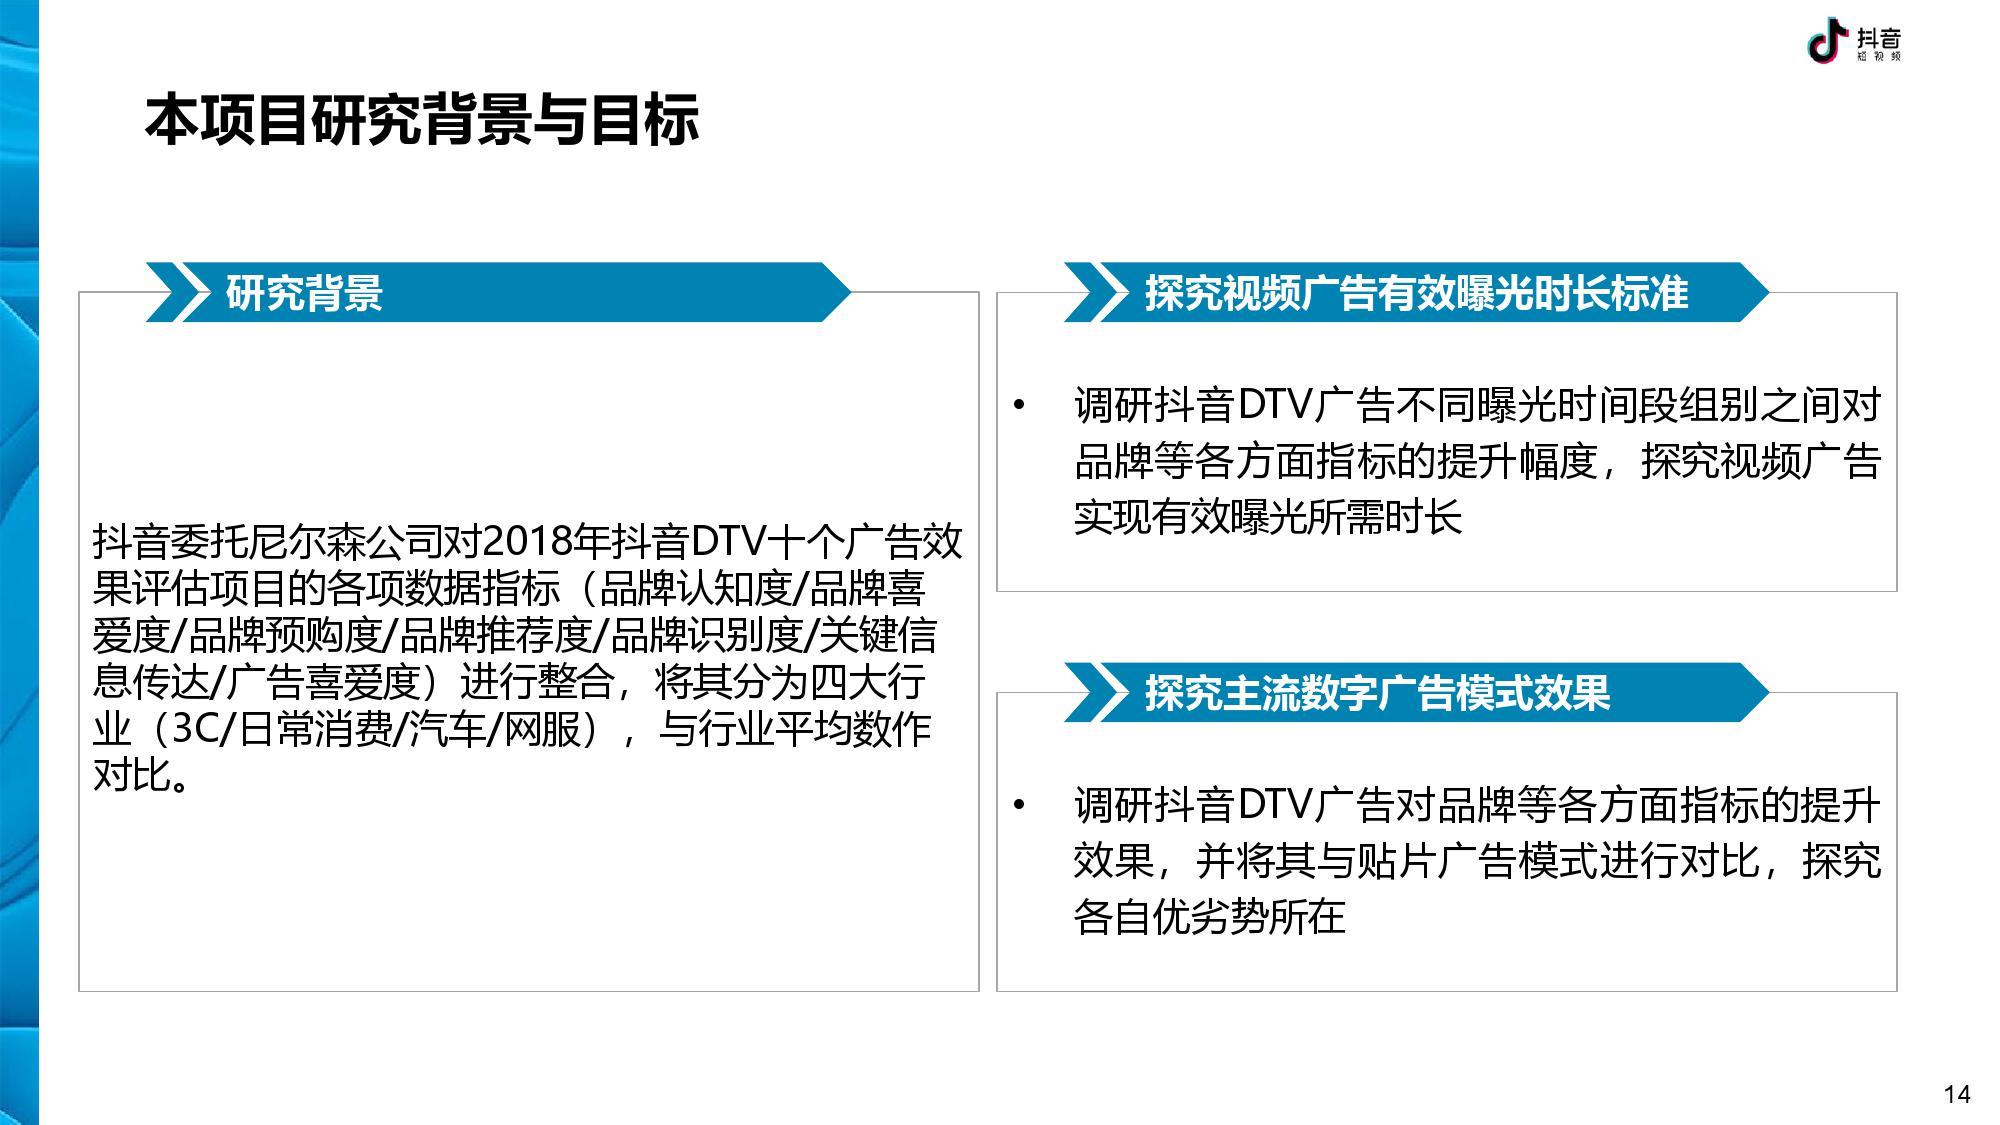 抖音 DTV 广告营销价值白皮书-CNMOAD 中文移动营销资讯 14